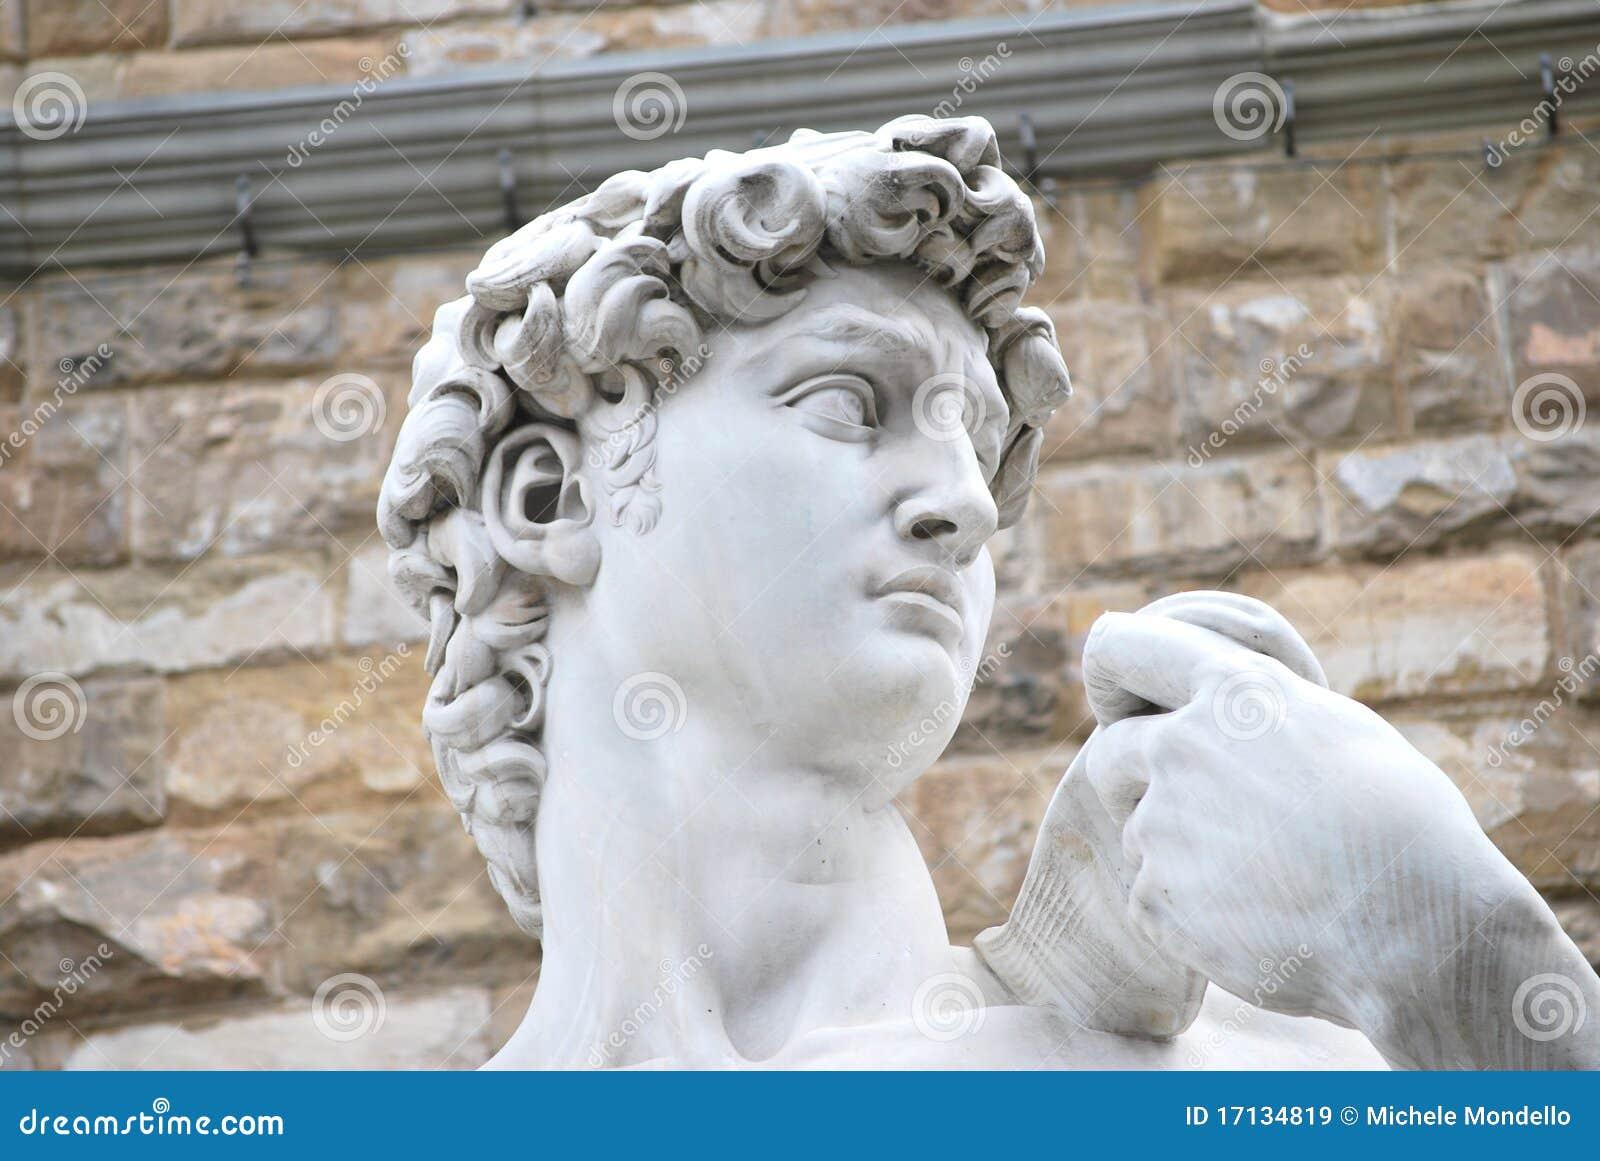 David rzeźba